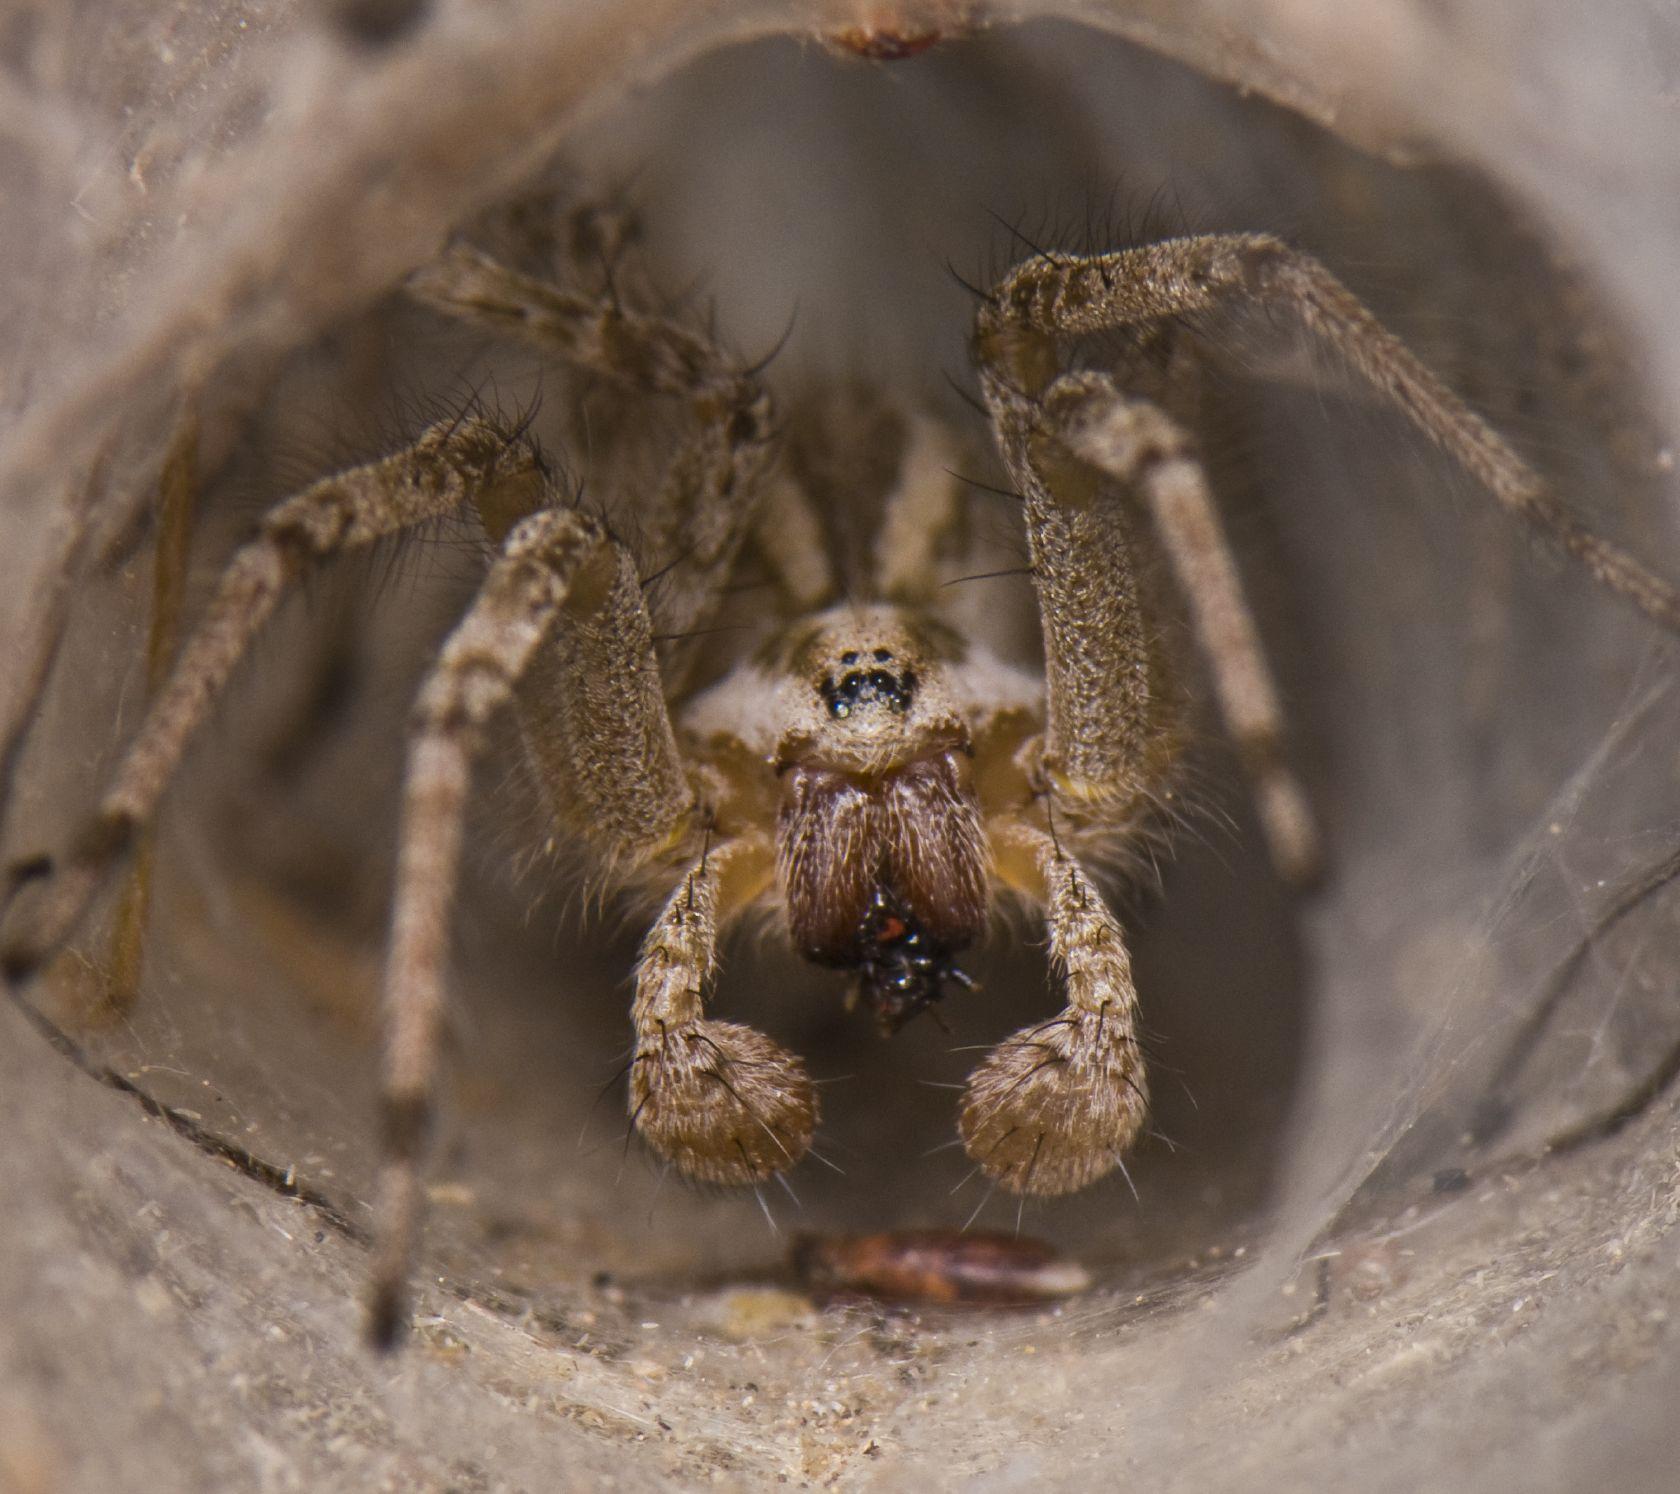 Внешнее строение паука, особые способности выживать. пауки-волки – терпеливые охотники, которых кормят «ноги сколопендры и крупные пауки волки